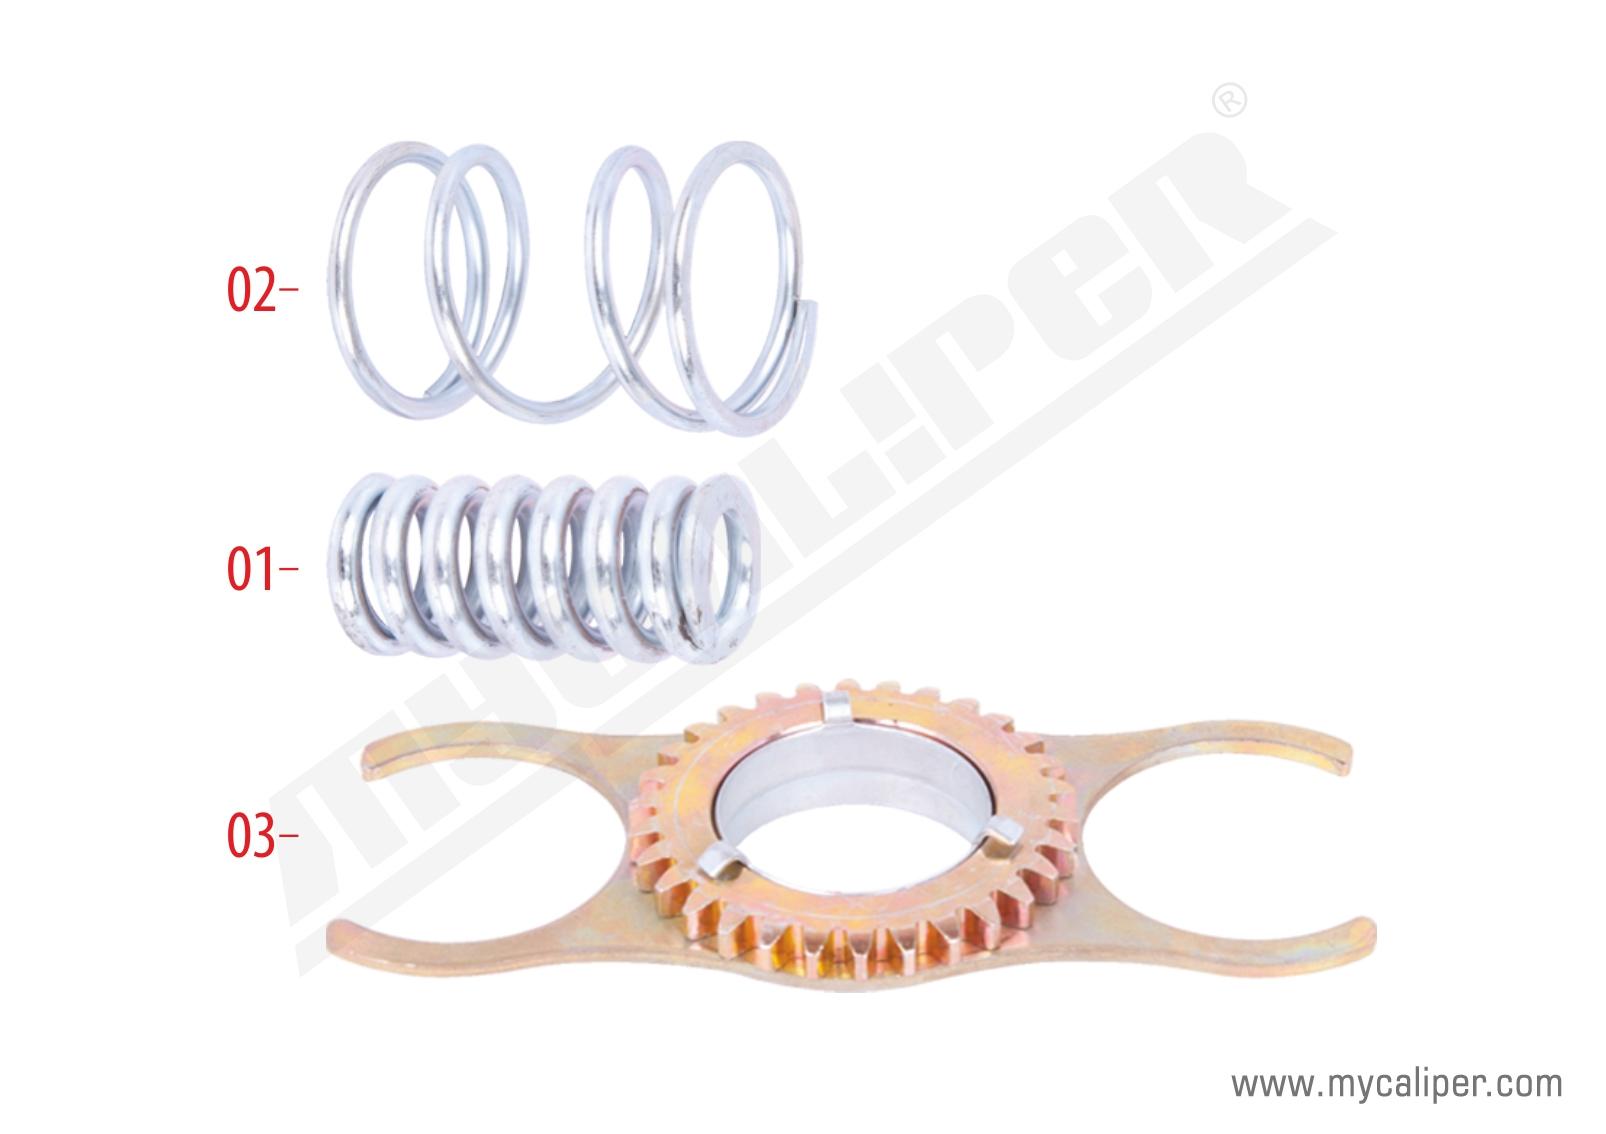 Caliper Gear & Spring Repair Kit